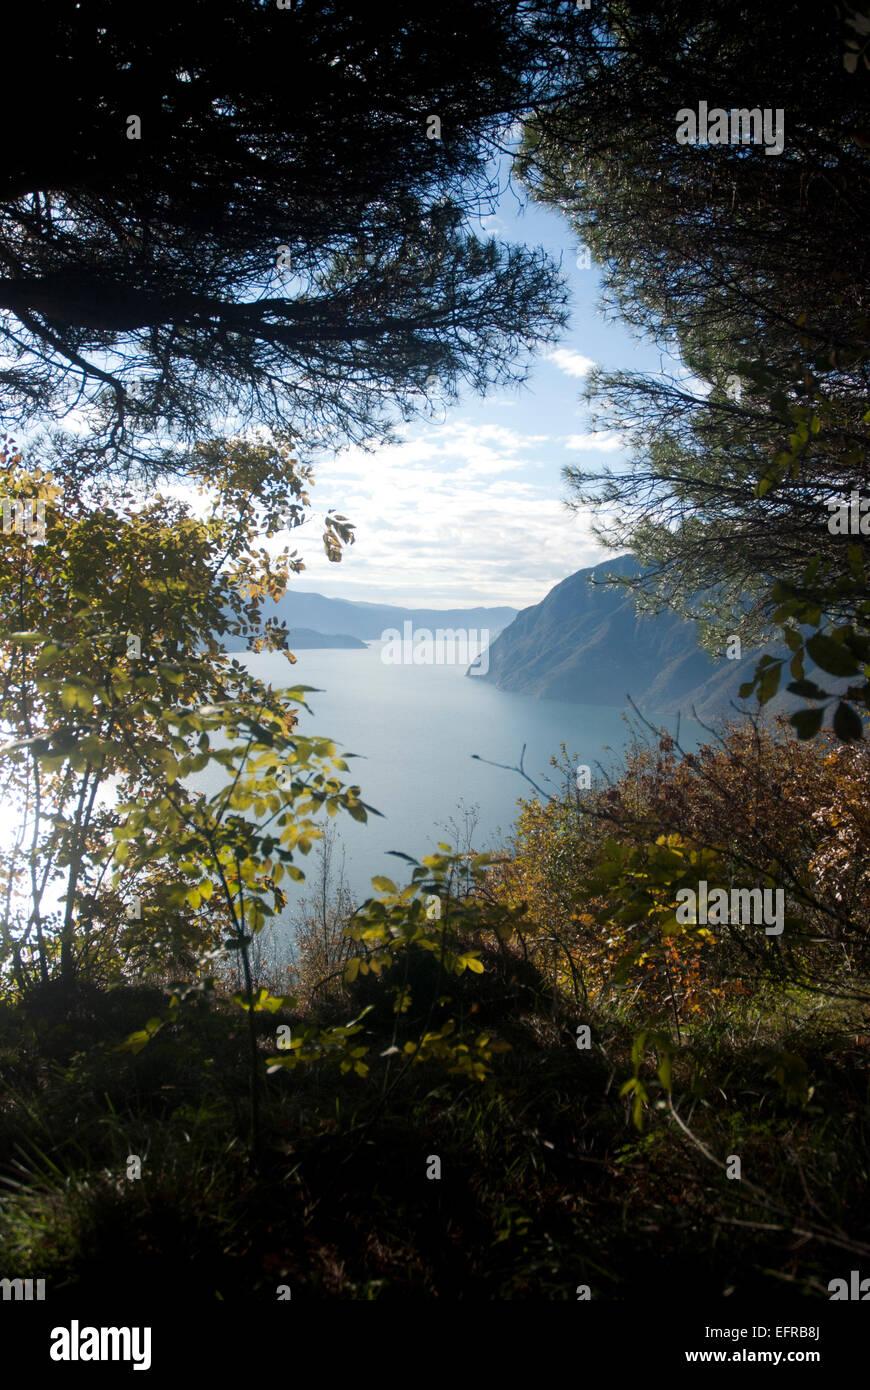 Mountain range at Lake Iseo Italy - Stock Image